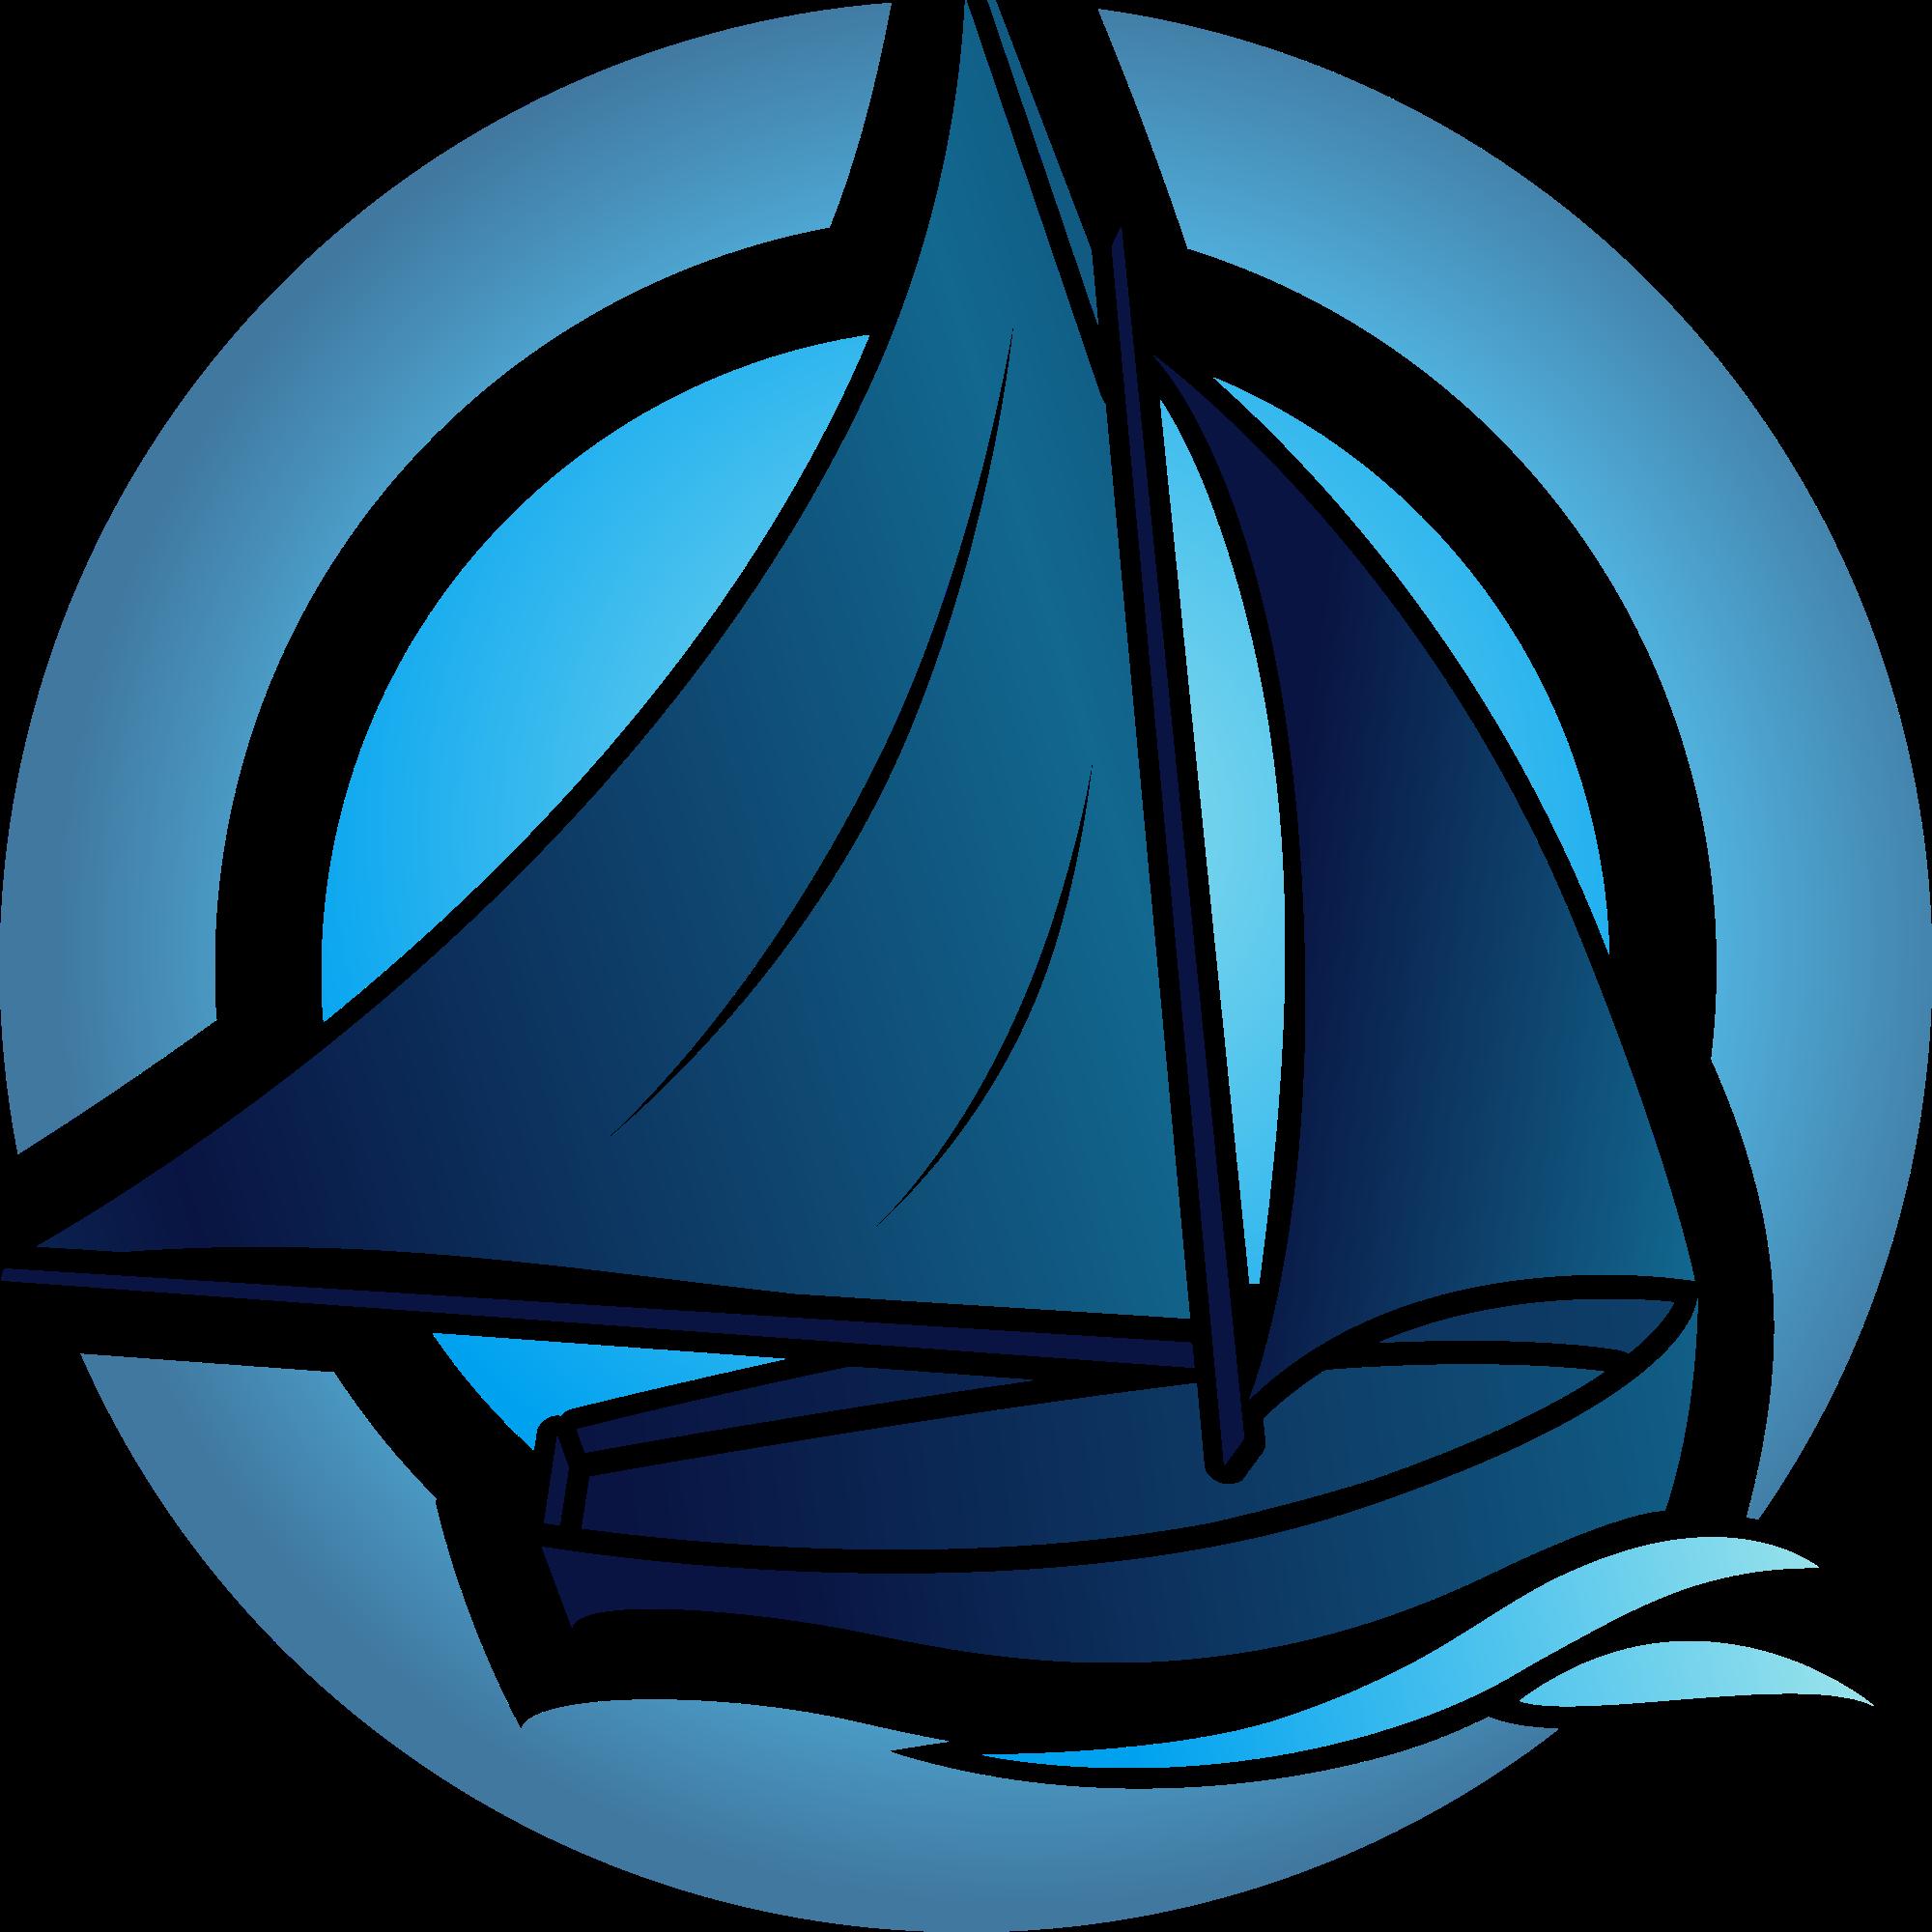 svg free stock Boat svg transparent. File travel blue logo